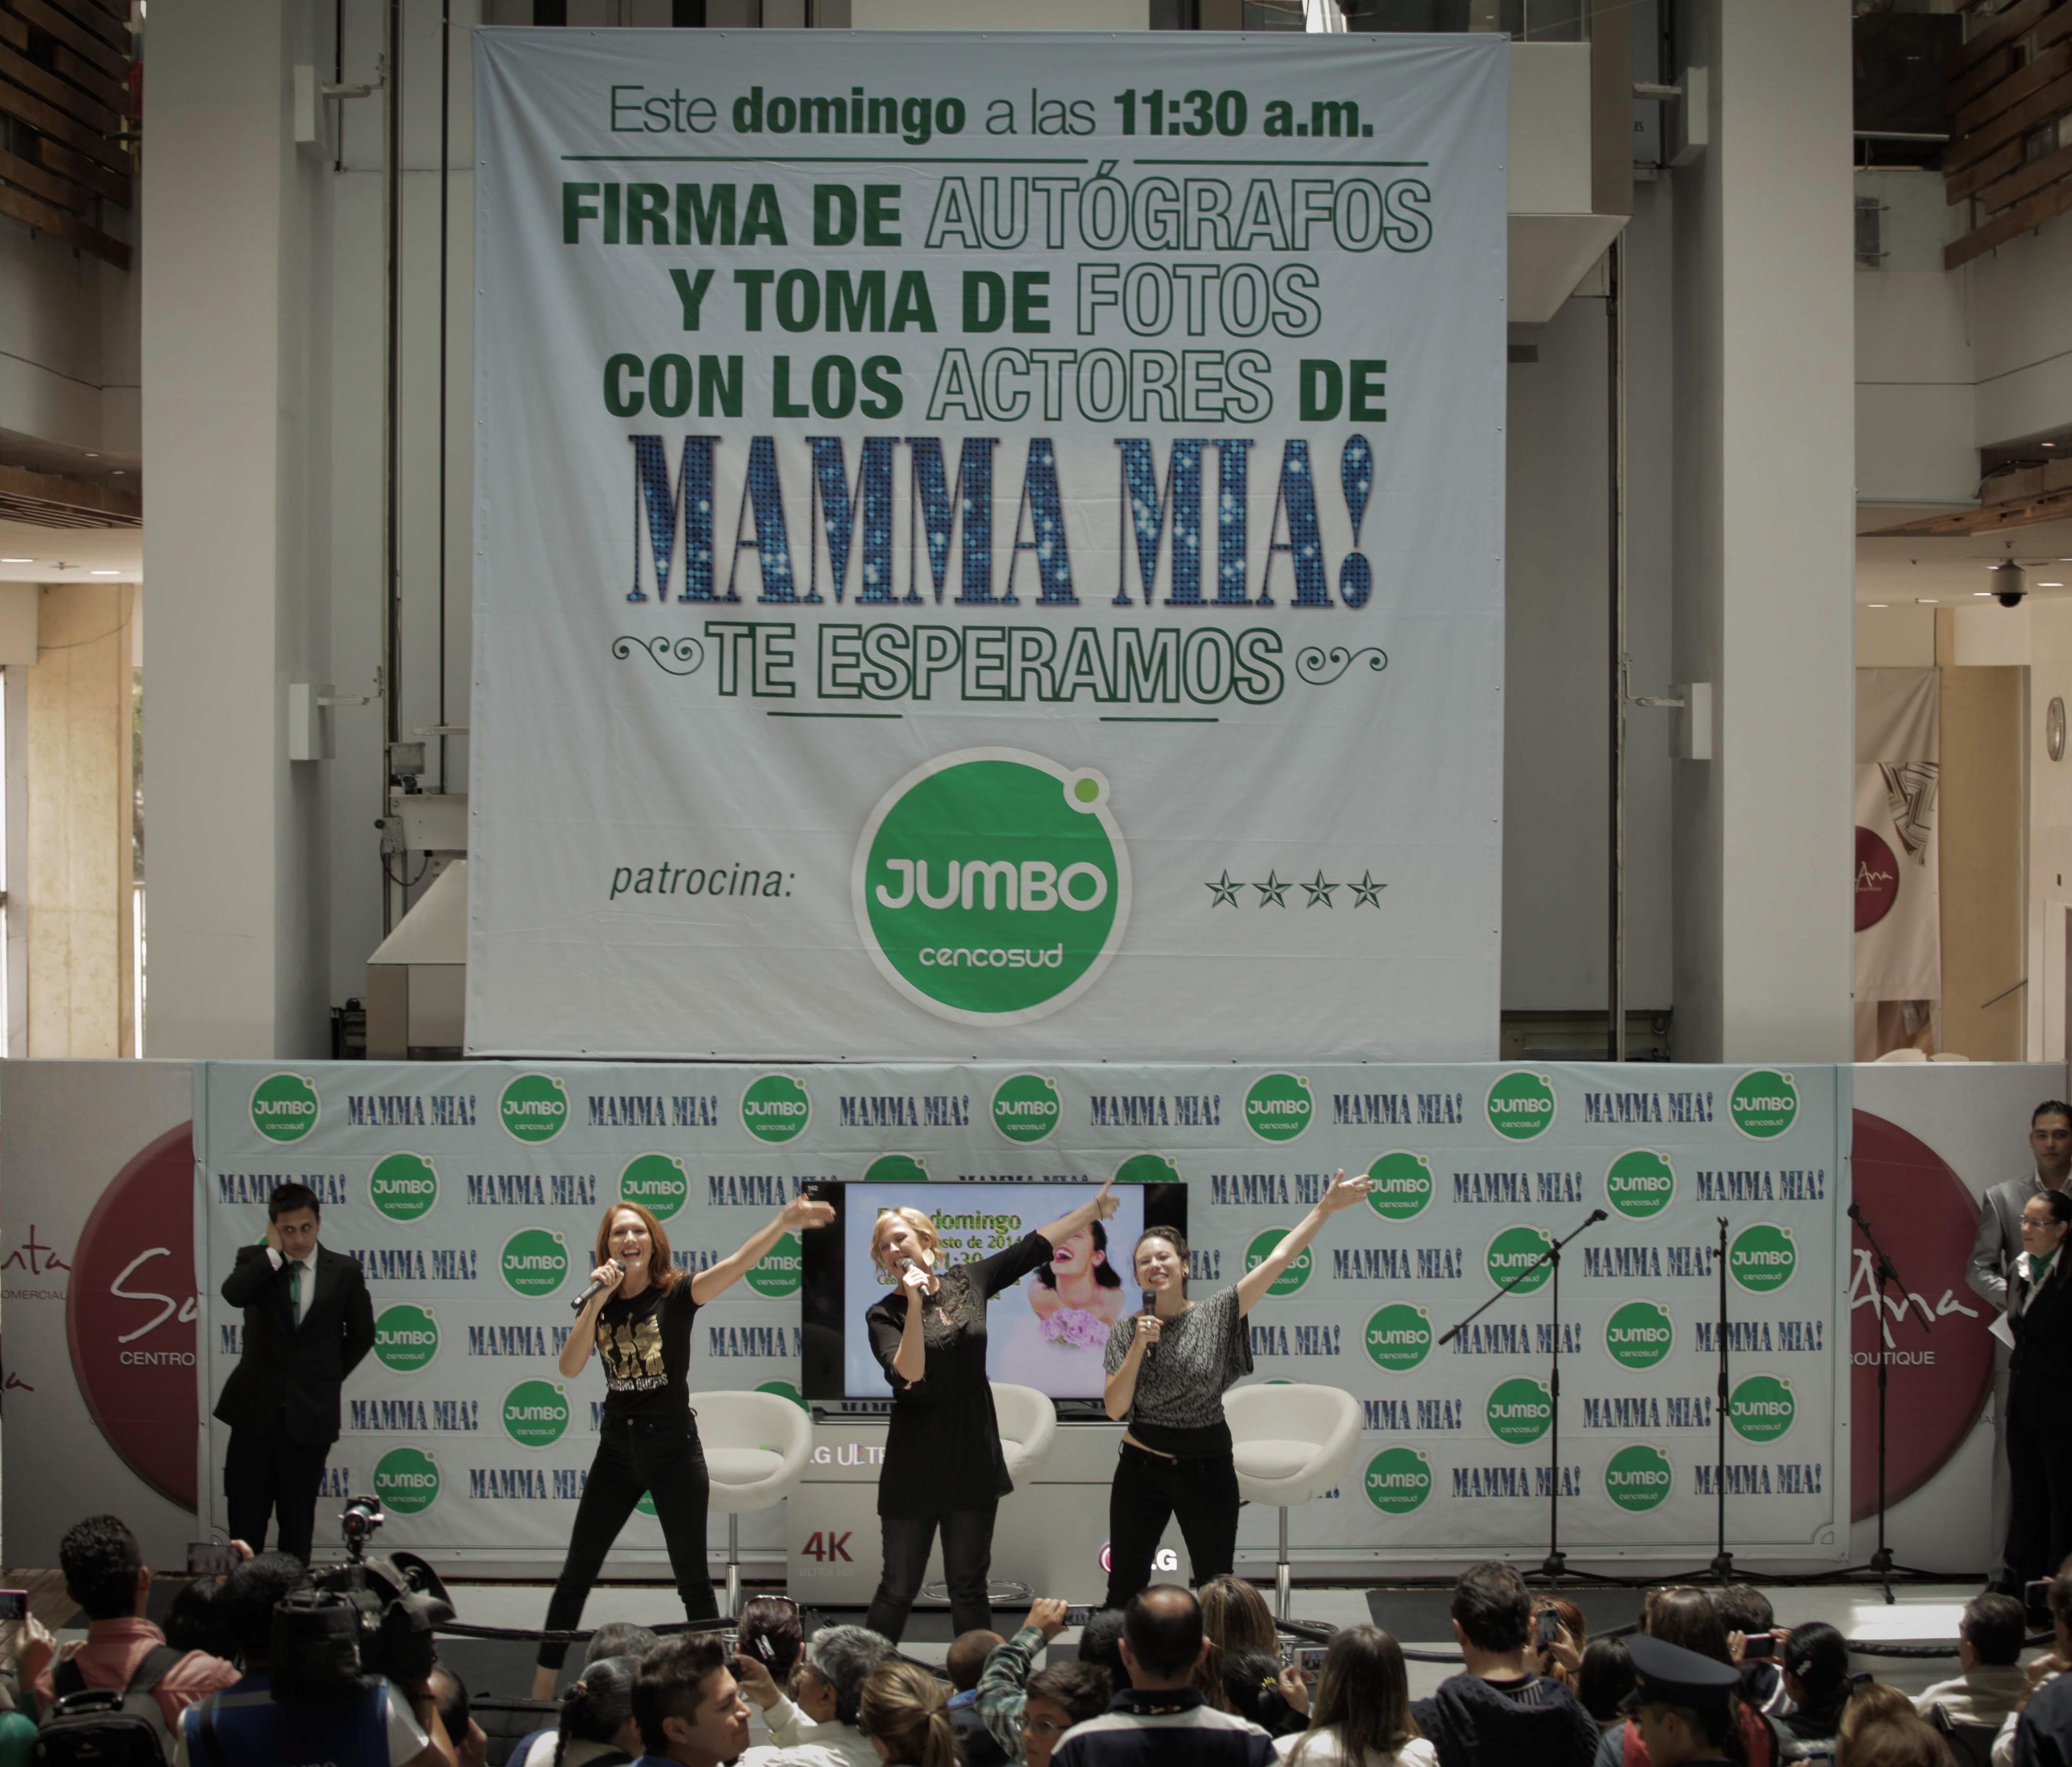 Promo for Mamma Mia